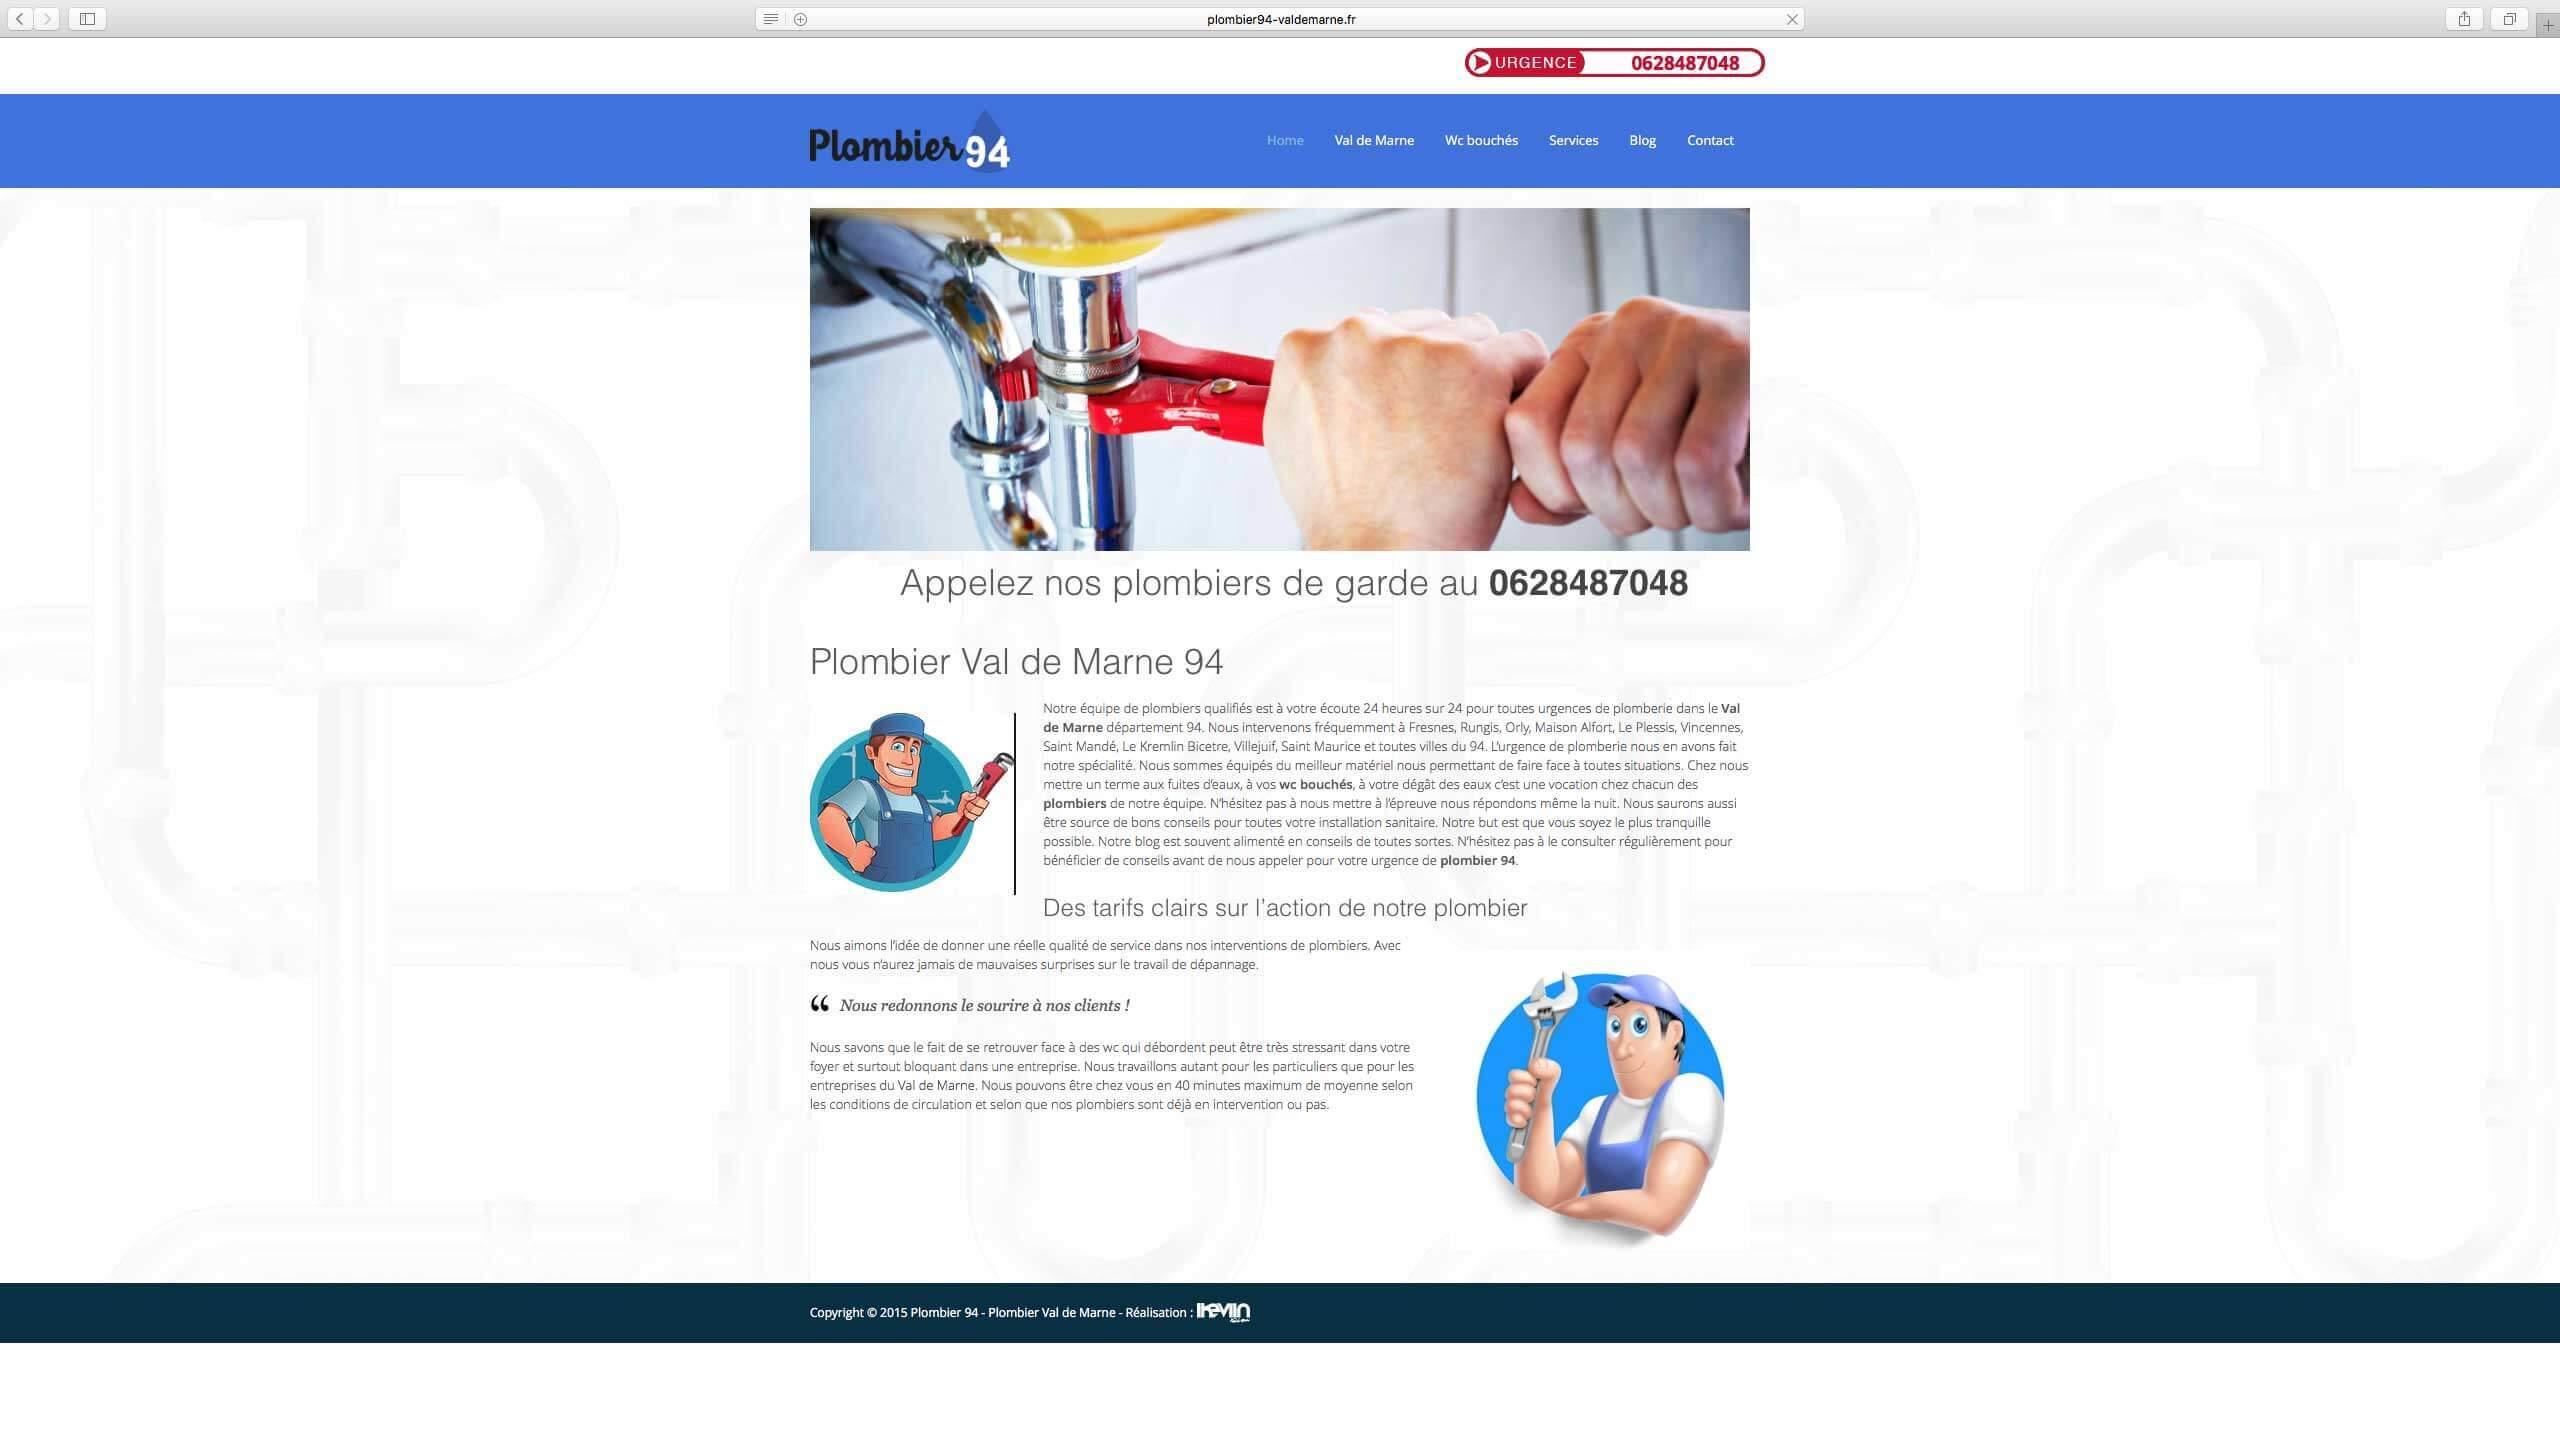 Capture d'écran du site internet Plombier94 réalisé par Kevin de Sousa